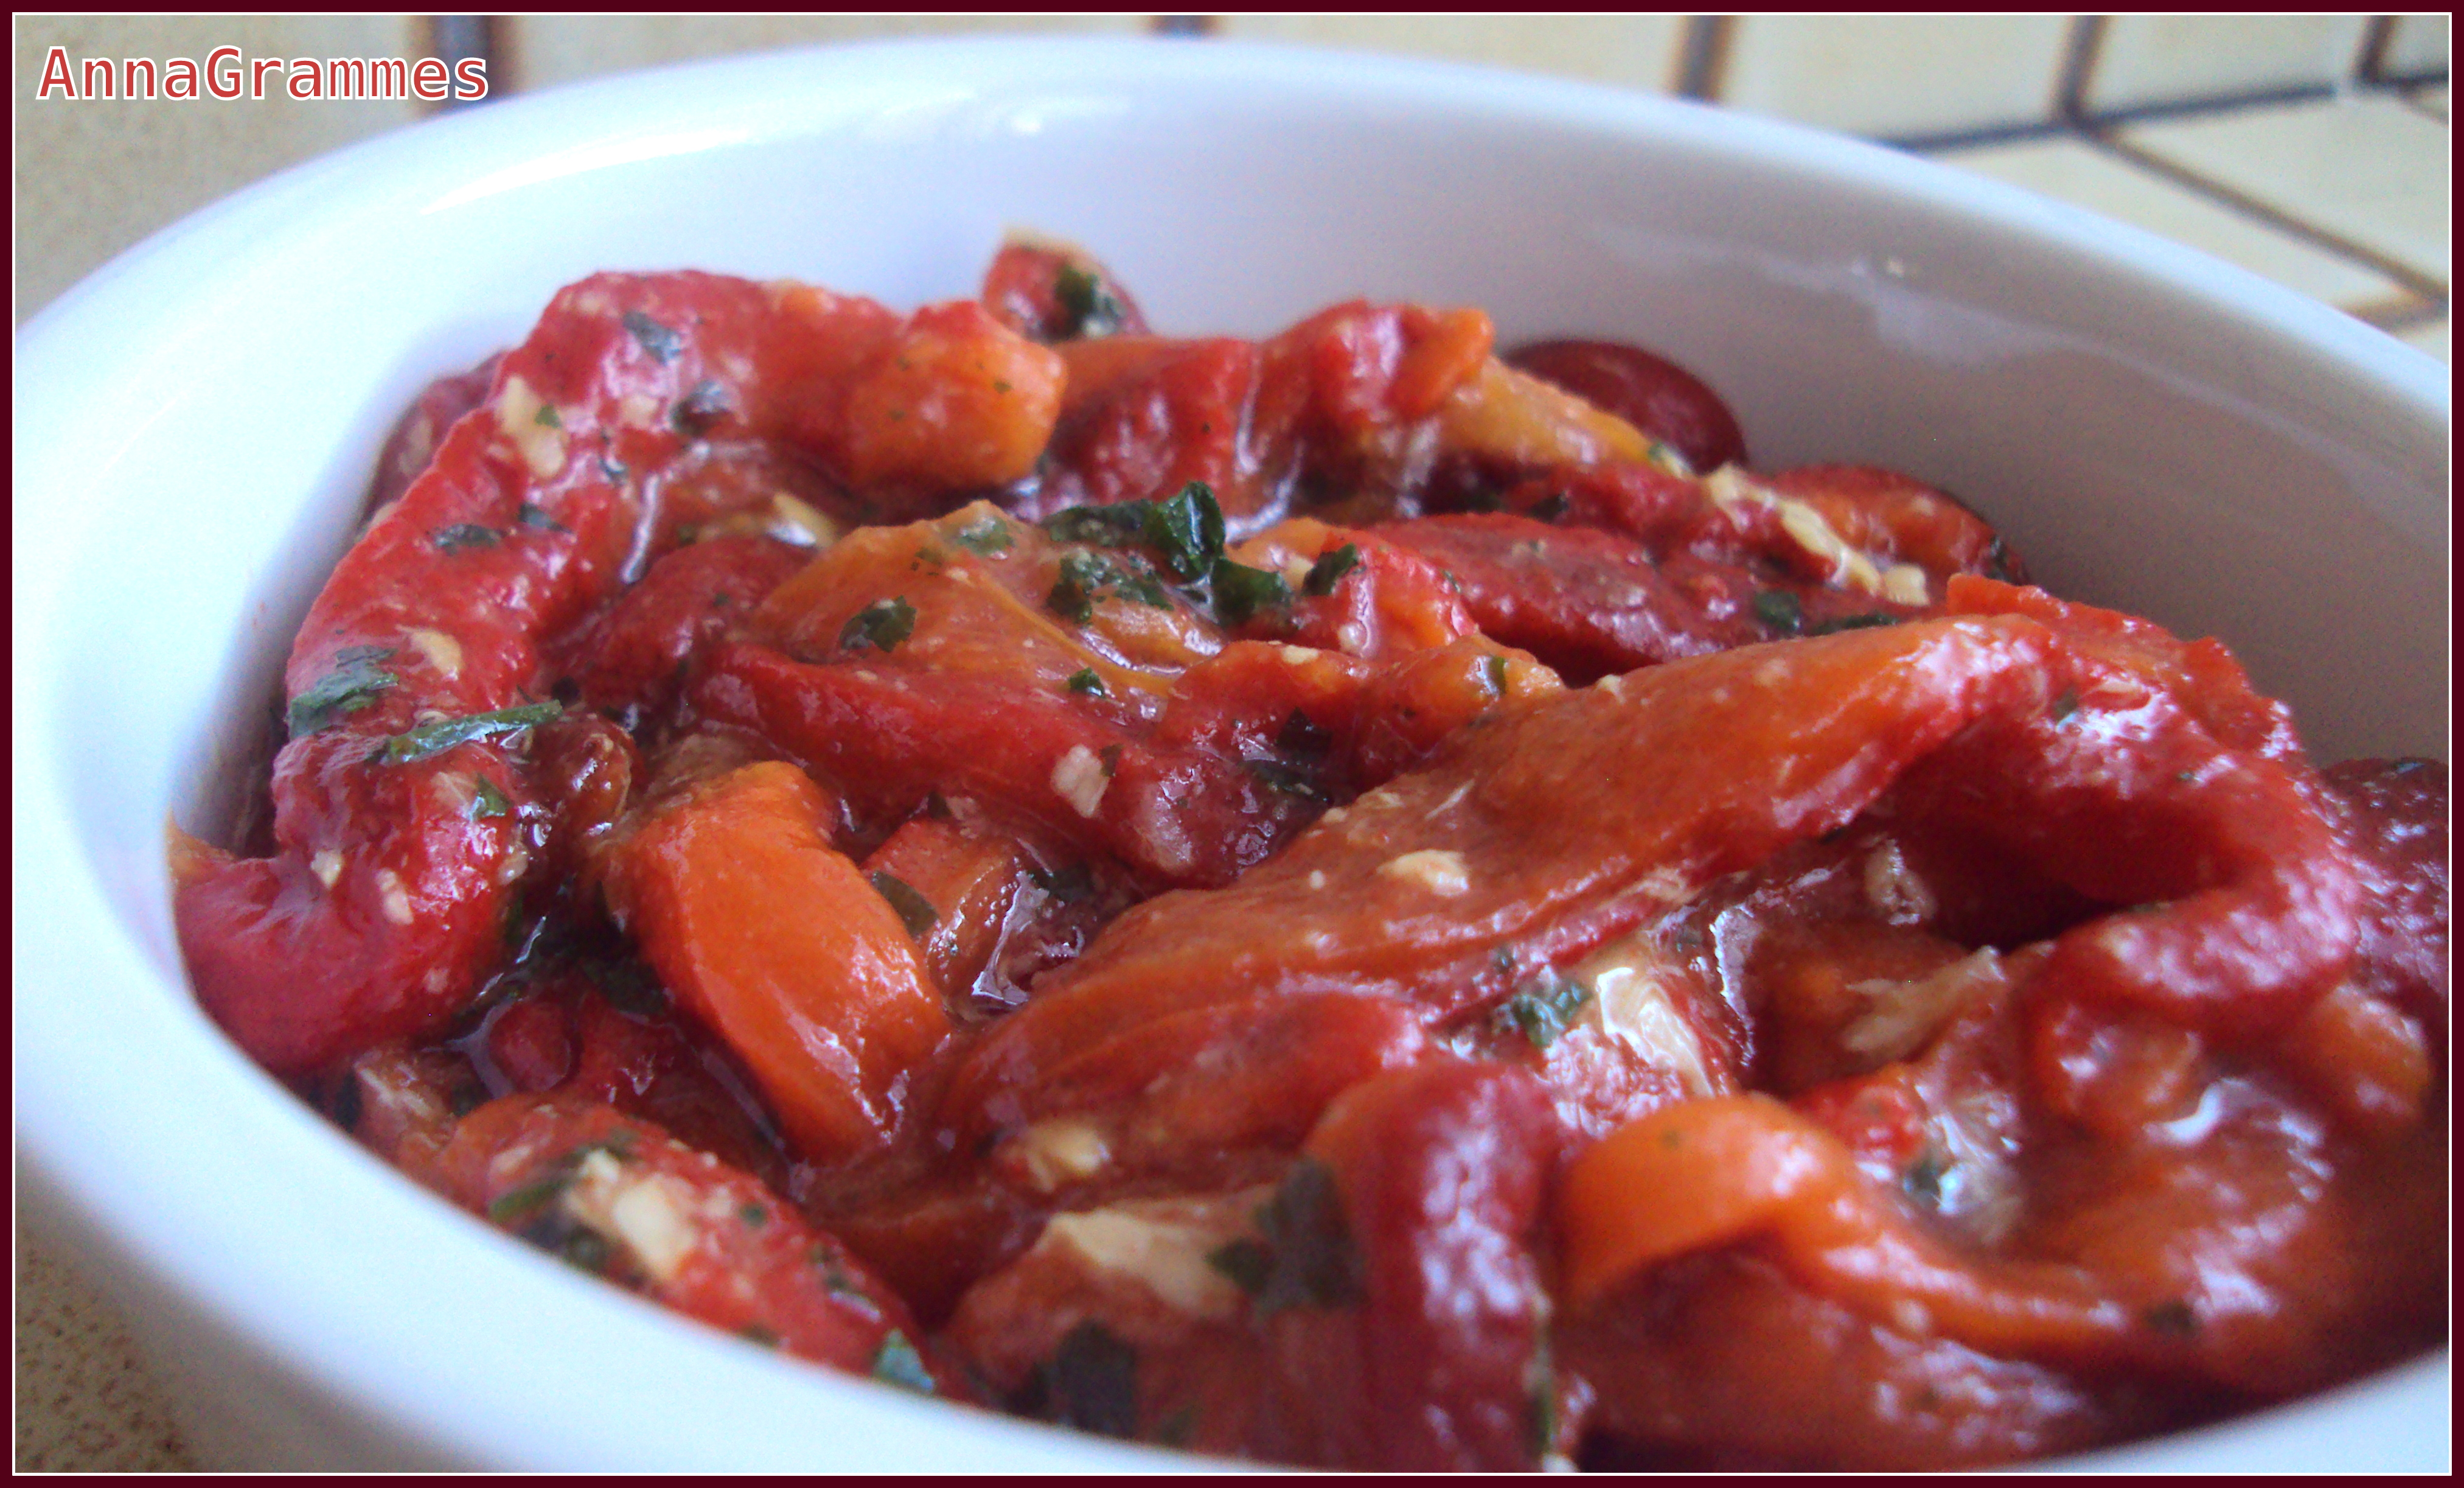 Salade de poivrons marin s annagrammes cuisine familiale d licieusement casher - Salade de poivron grille ...